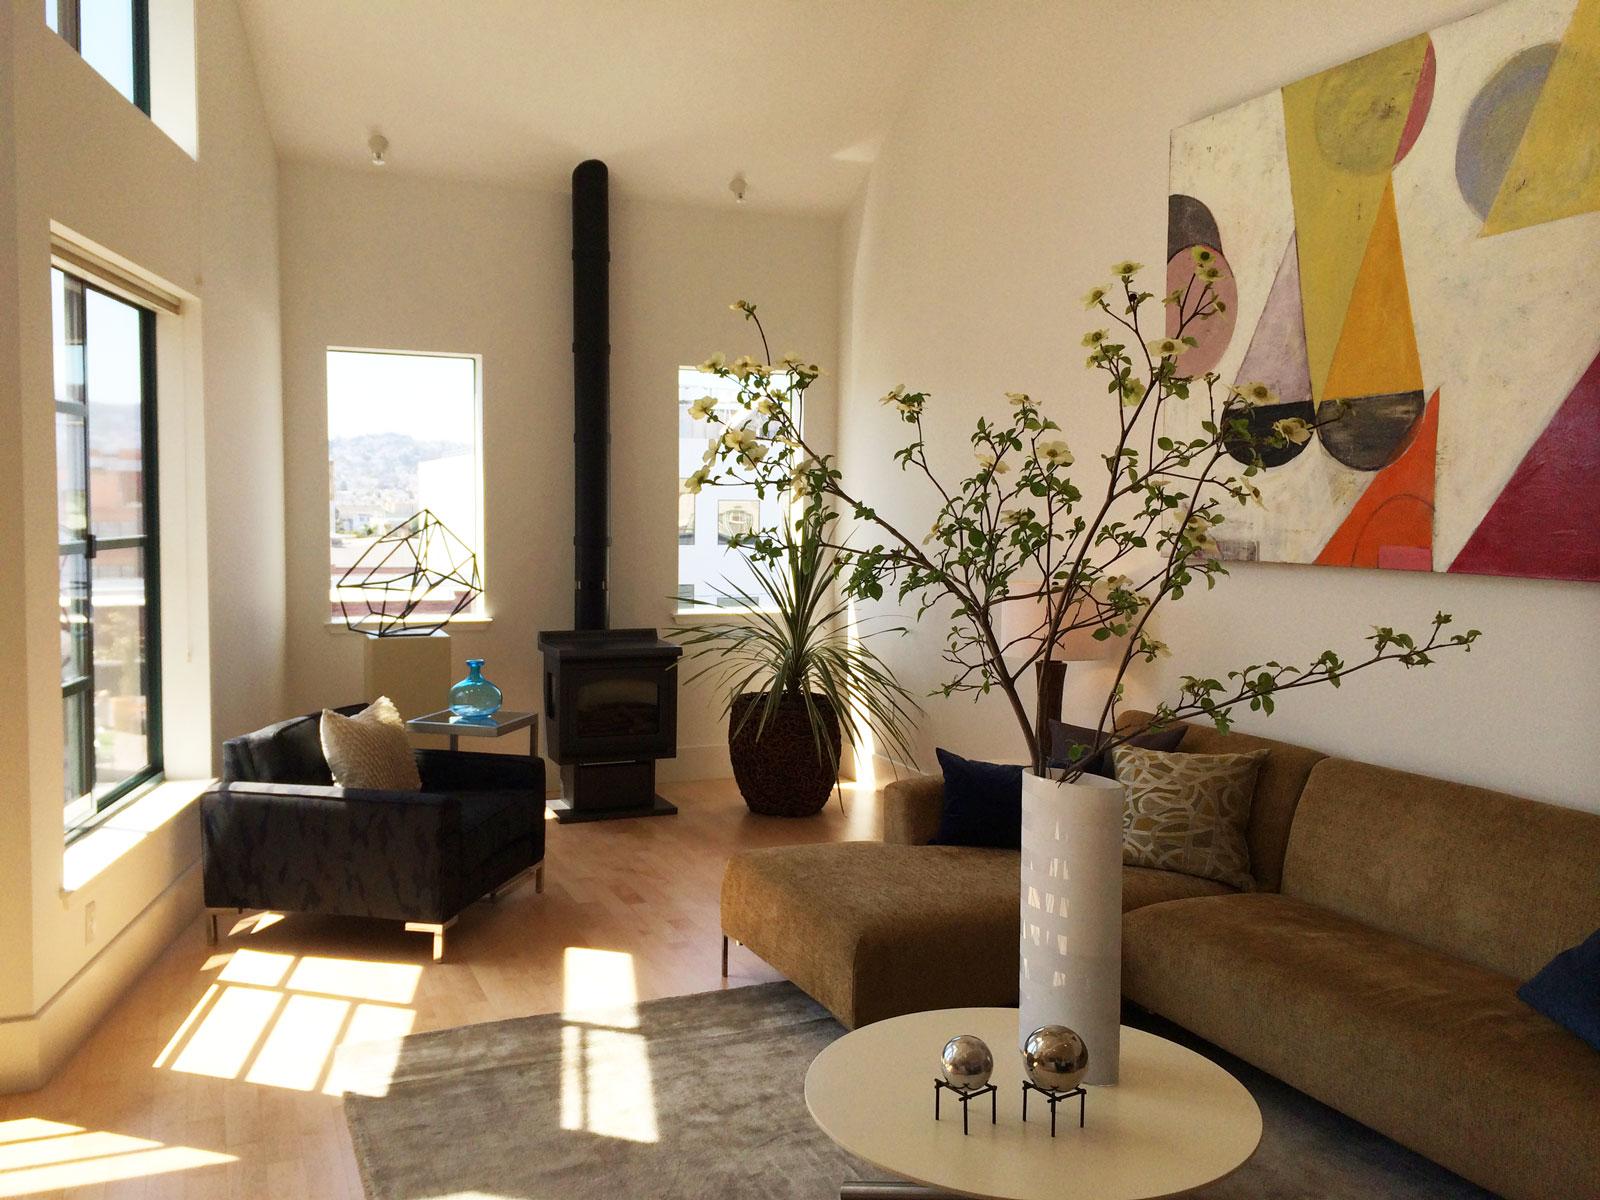 When Tech Bubble Bursts, SF Real Estate's Survives